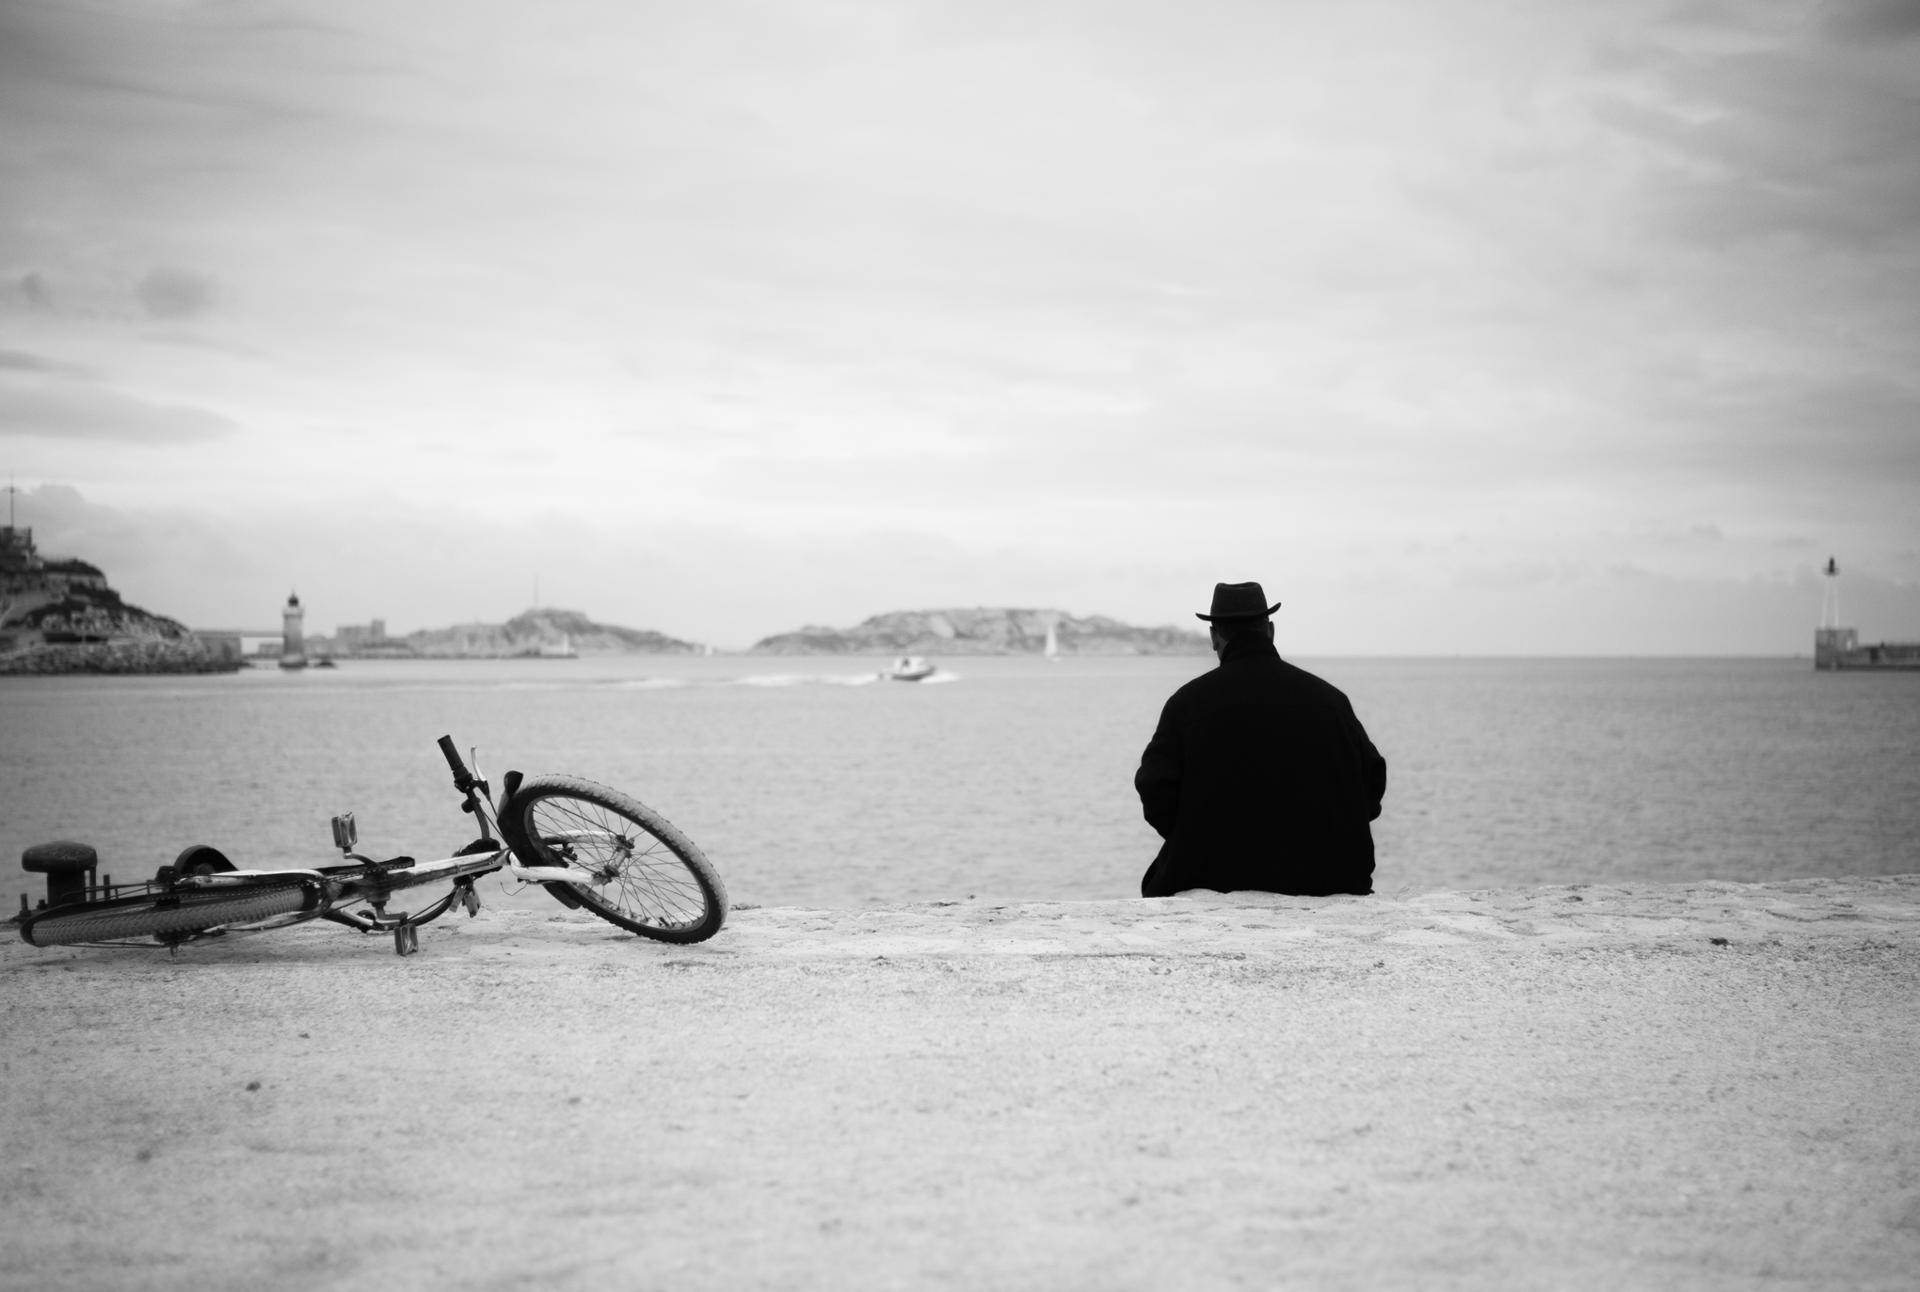 L'homme au chapeau et son vélo